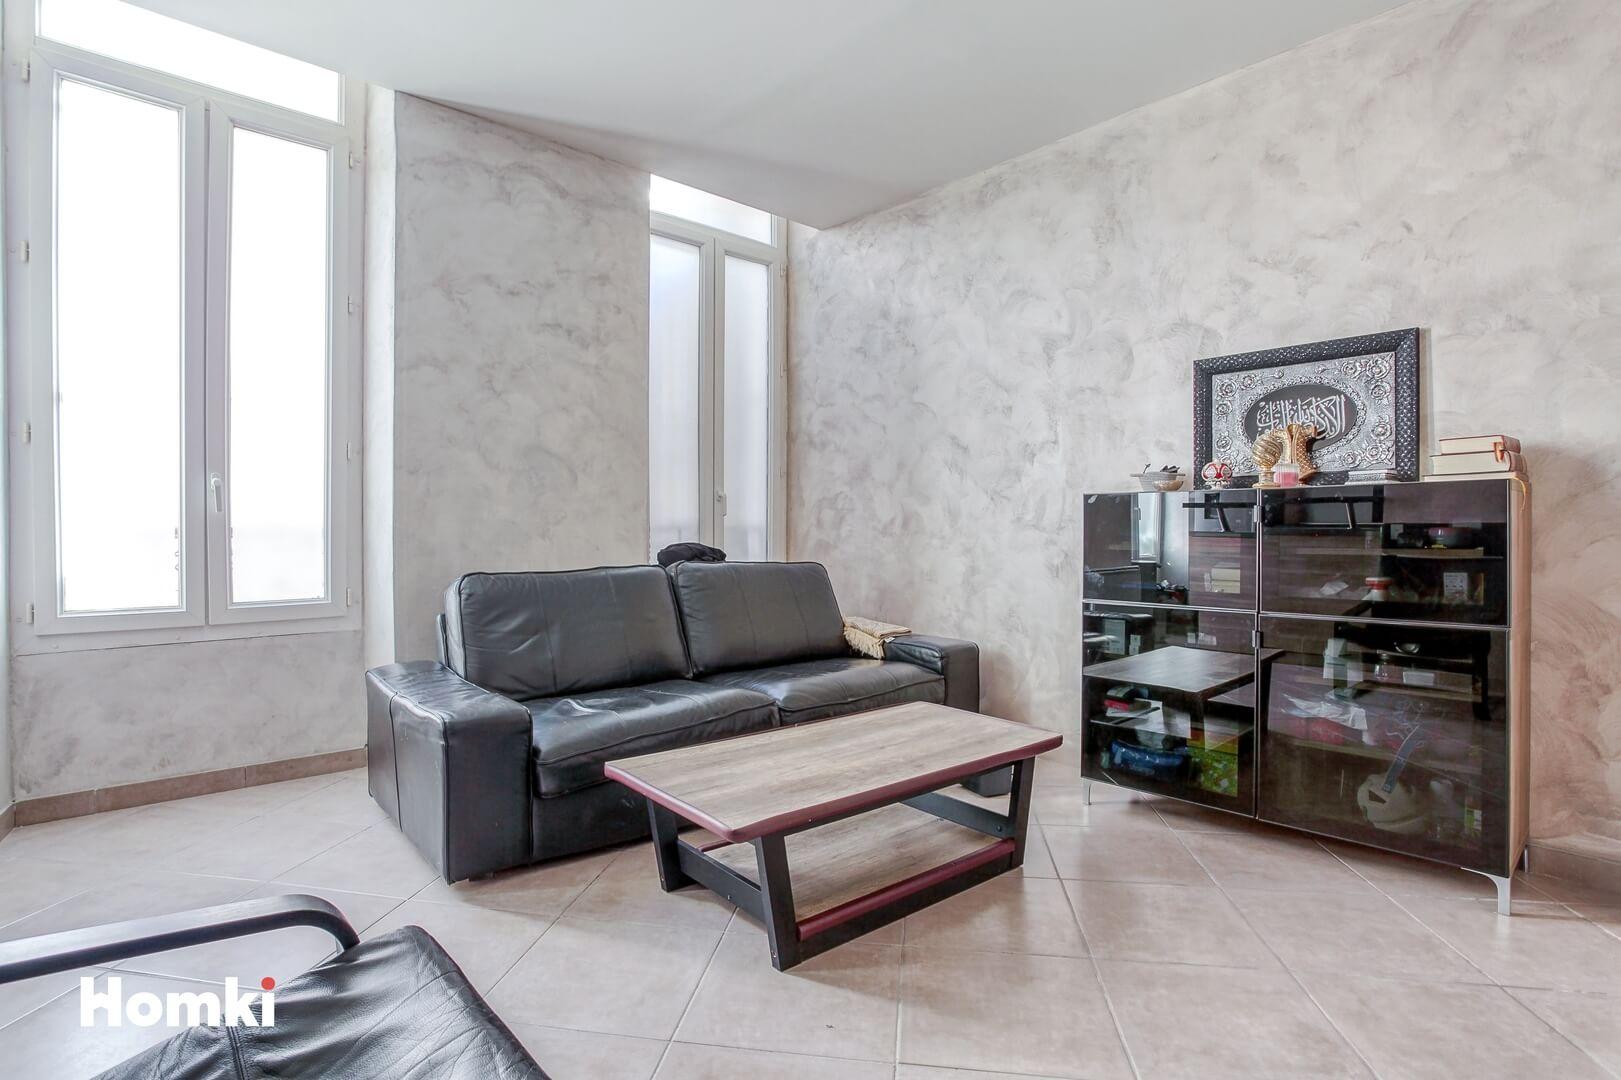 Homki - Vente Appartement  de 48.0 m² à Marseille 13002